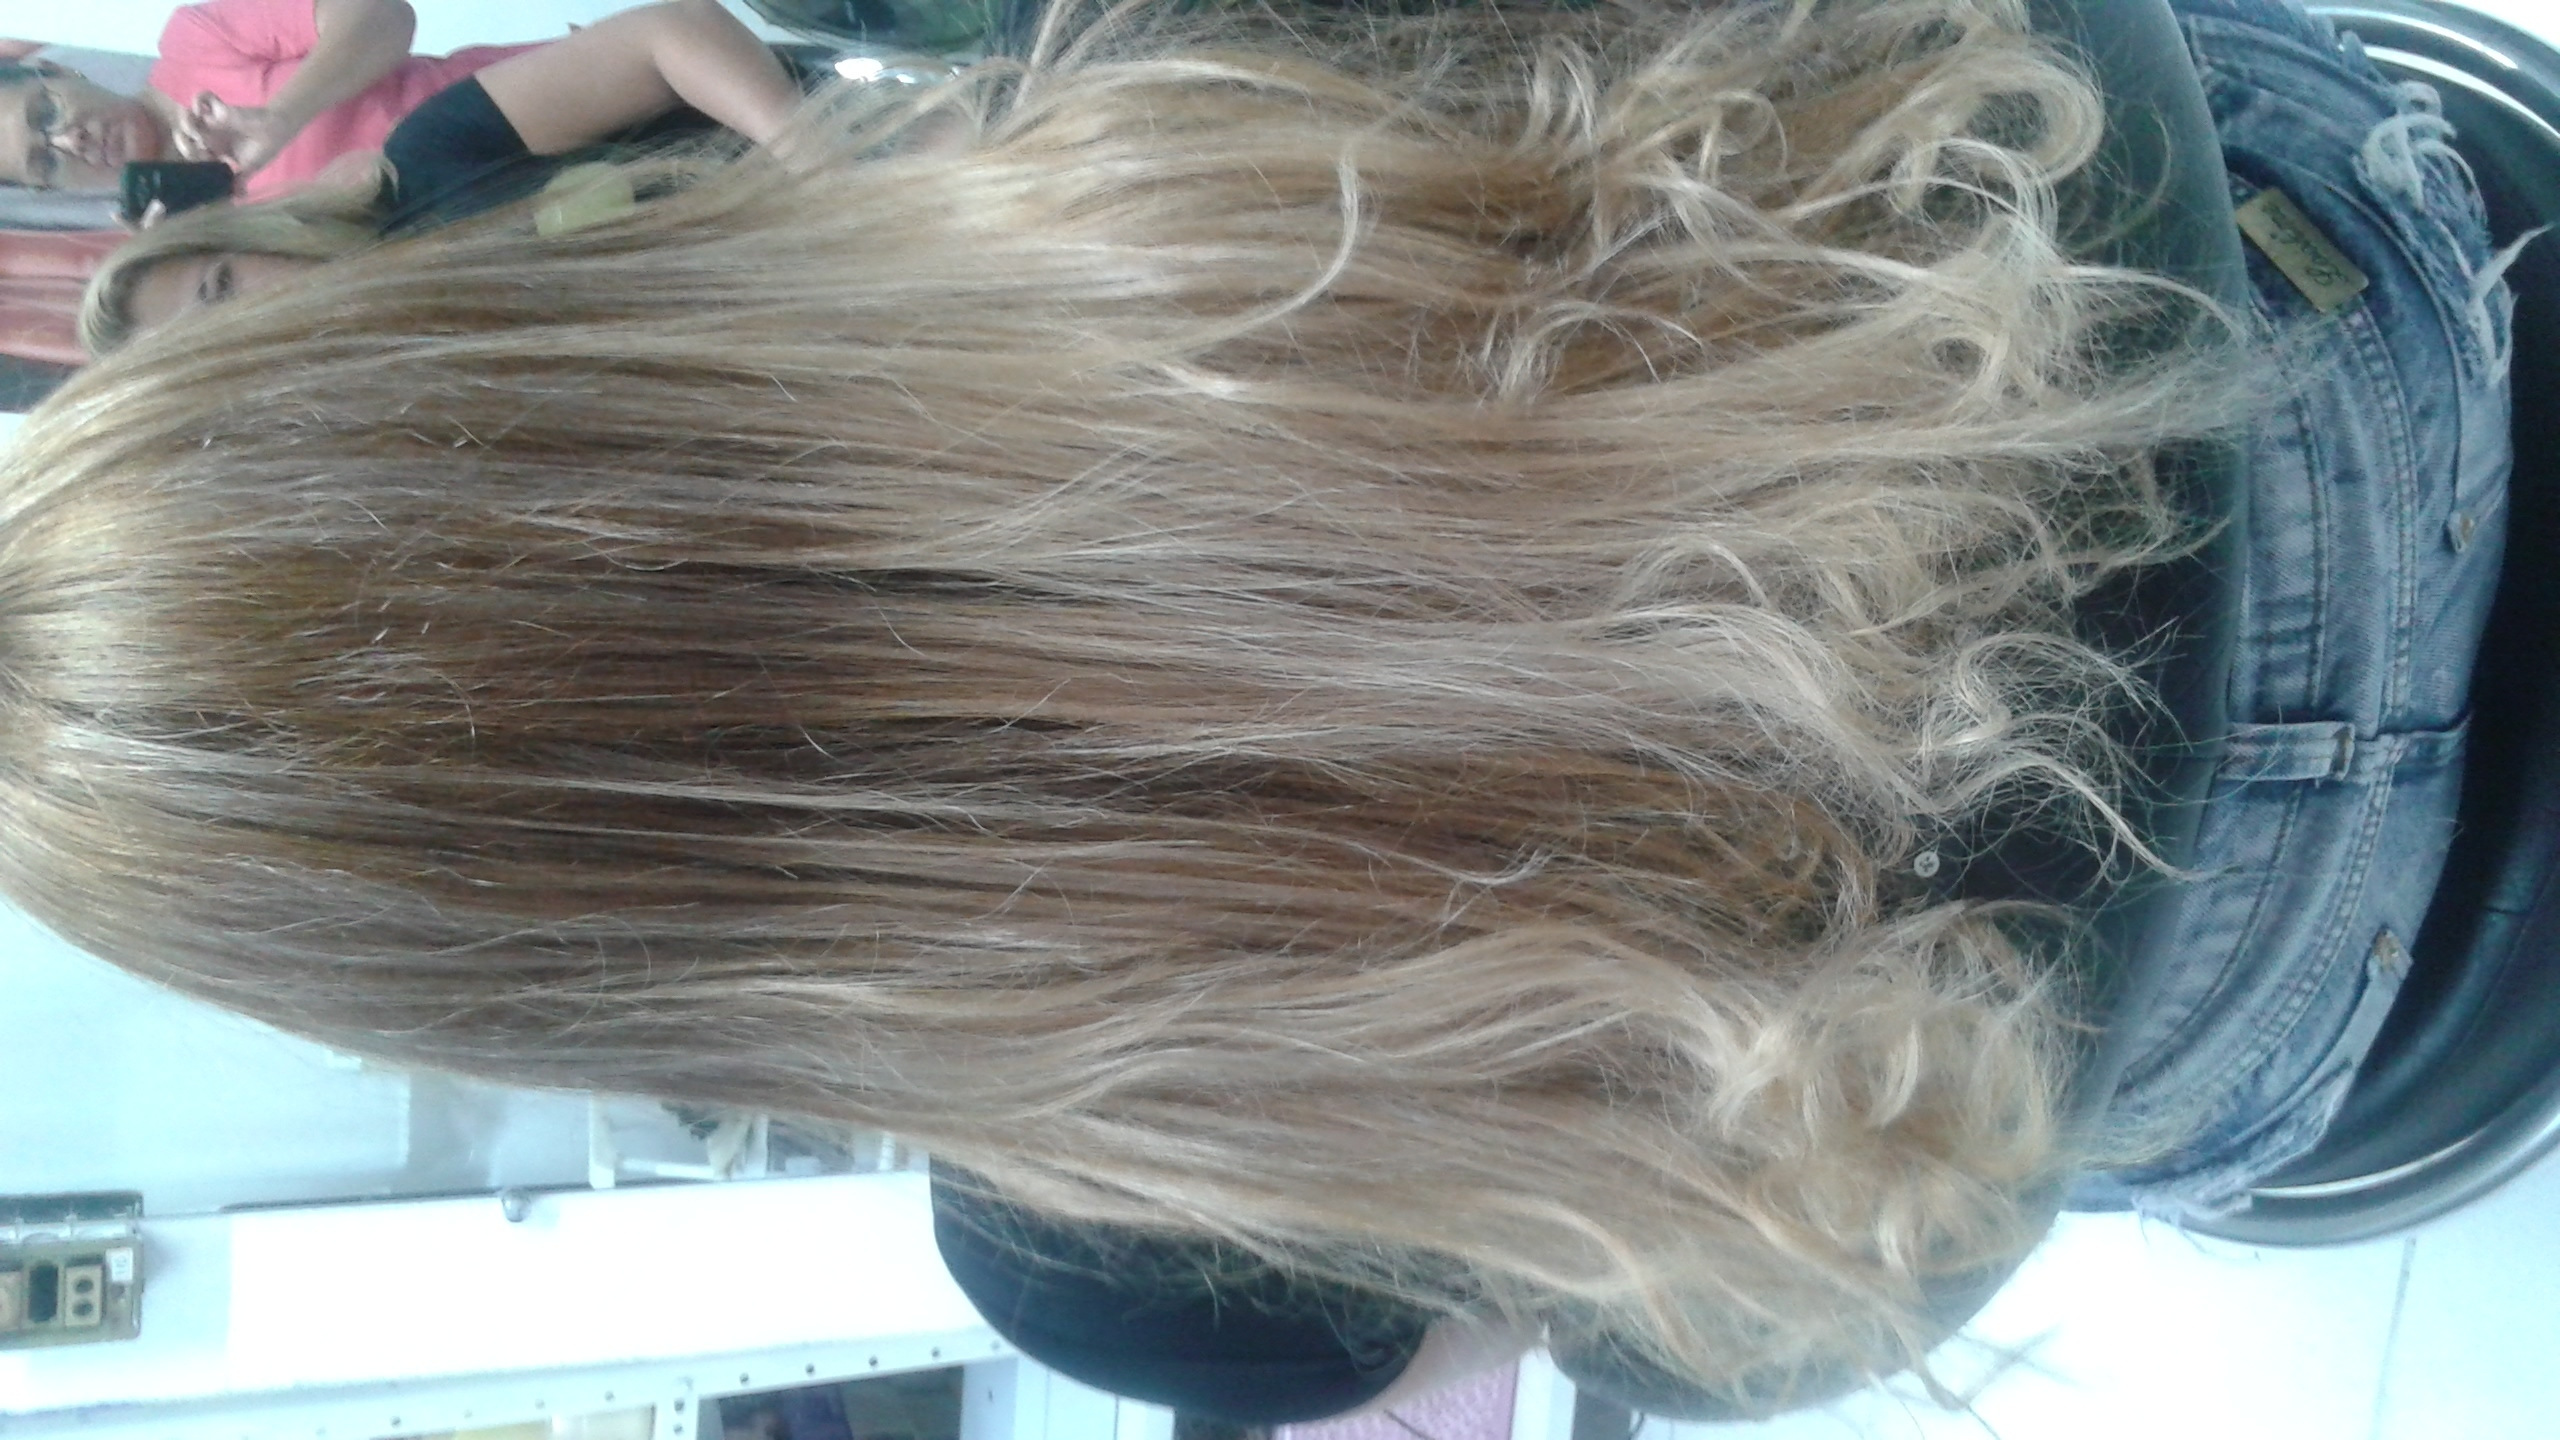 Recuperação instantanea dos fios ... O cabelo encontrava-se bem danificado devido a muitas descolorações , foi realizado uma Recuperação Instantanea e em seguida uma aplicação a laser e um banho de brilho , para começar a recuperar de vez esse cabelo. consultor(a) em negócios de beleza